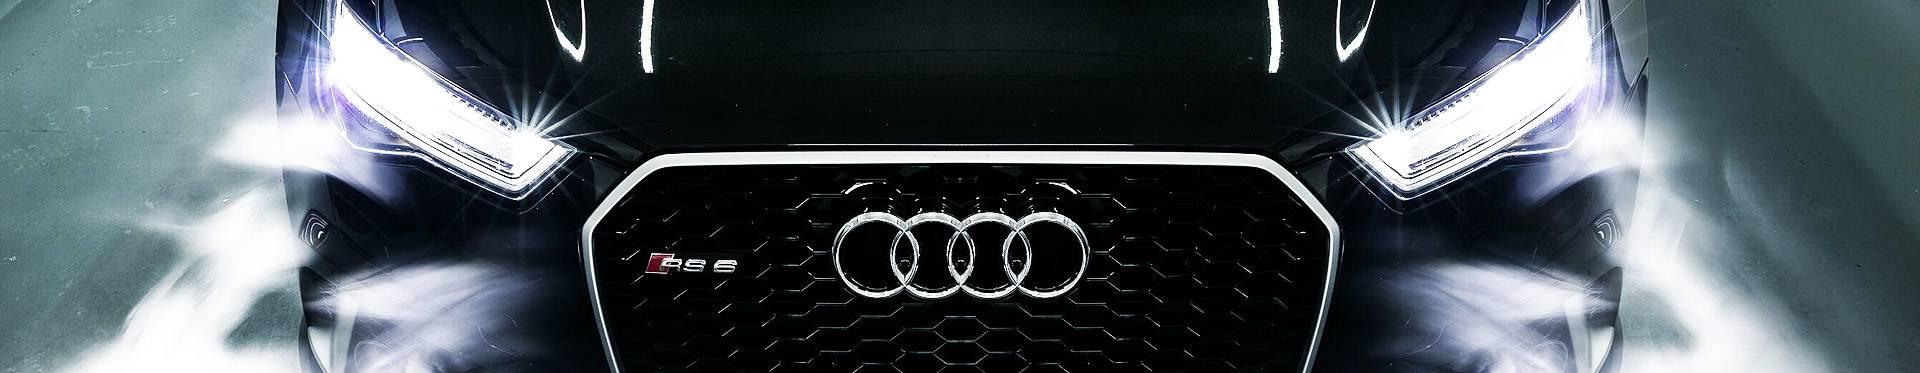 Koch Chemie Polituren und Schleifmittel für die perfekte Autopflege und Lackaufbereitung